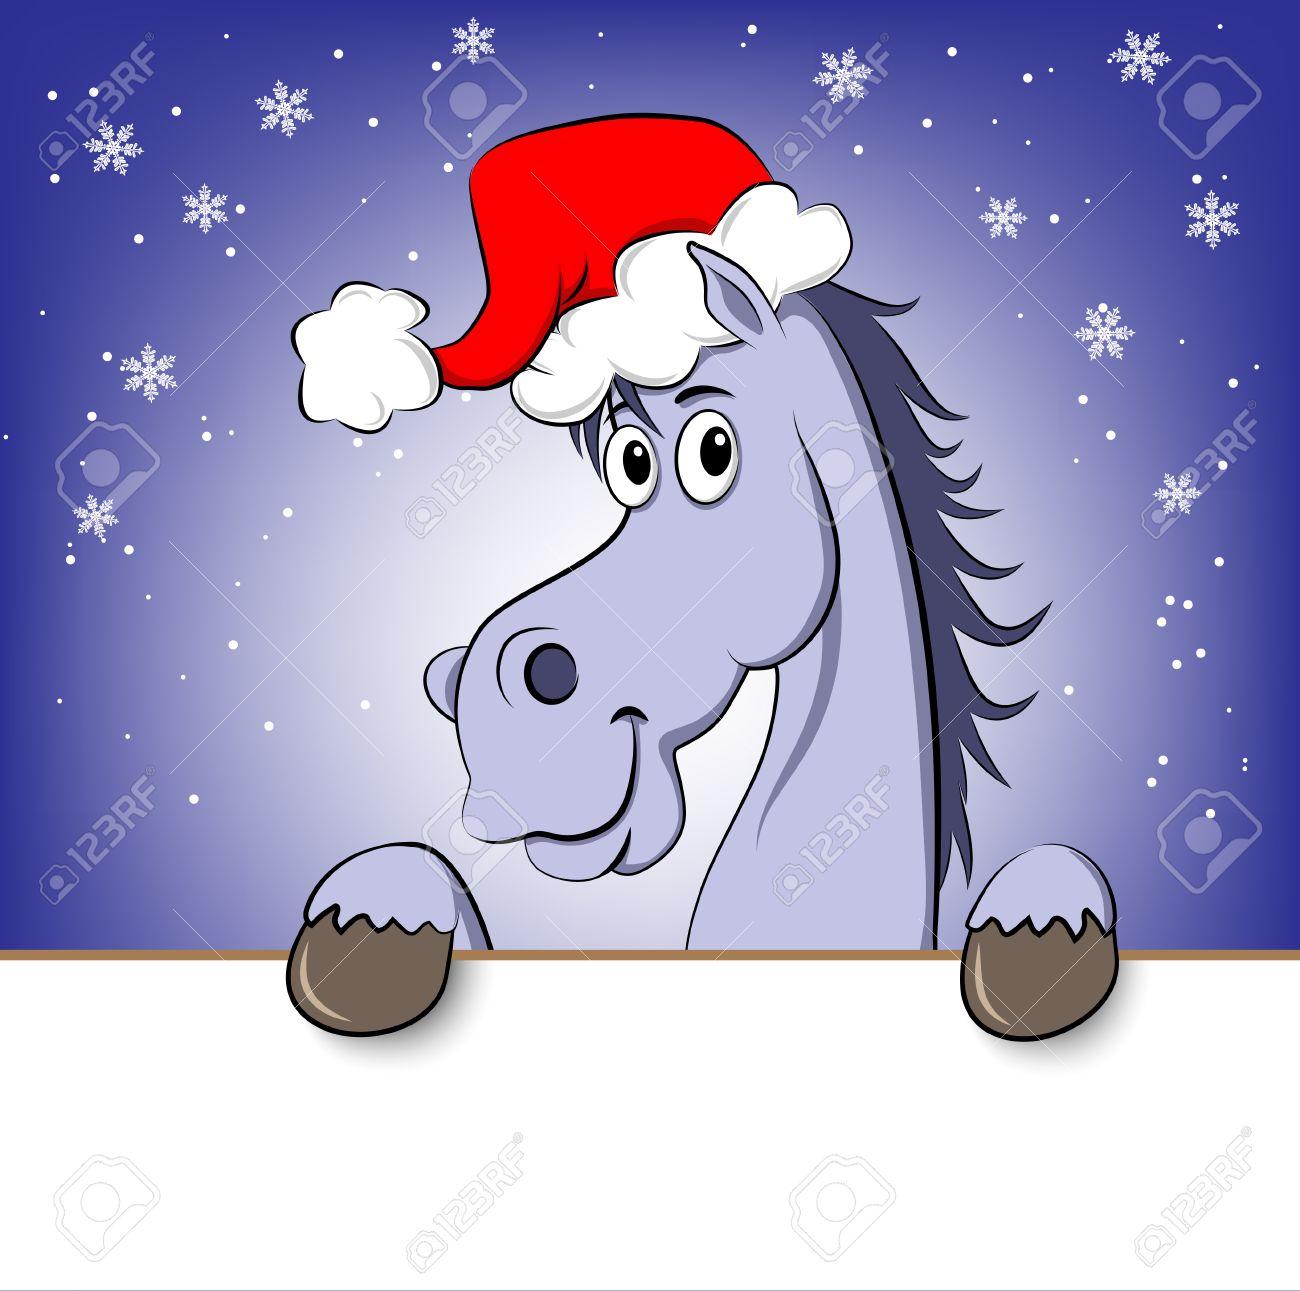 Banque dimages , Drôle de cheval de dessin animé bleu chapeau de Père Noël